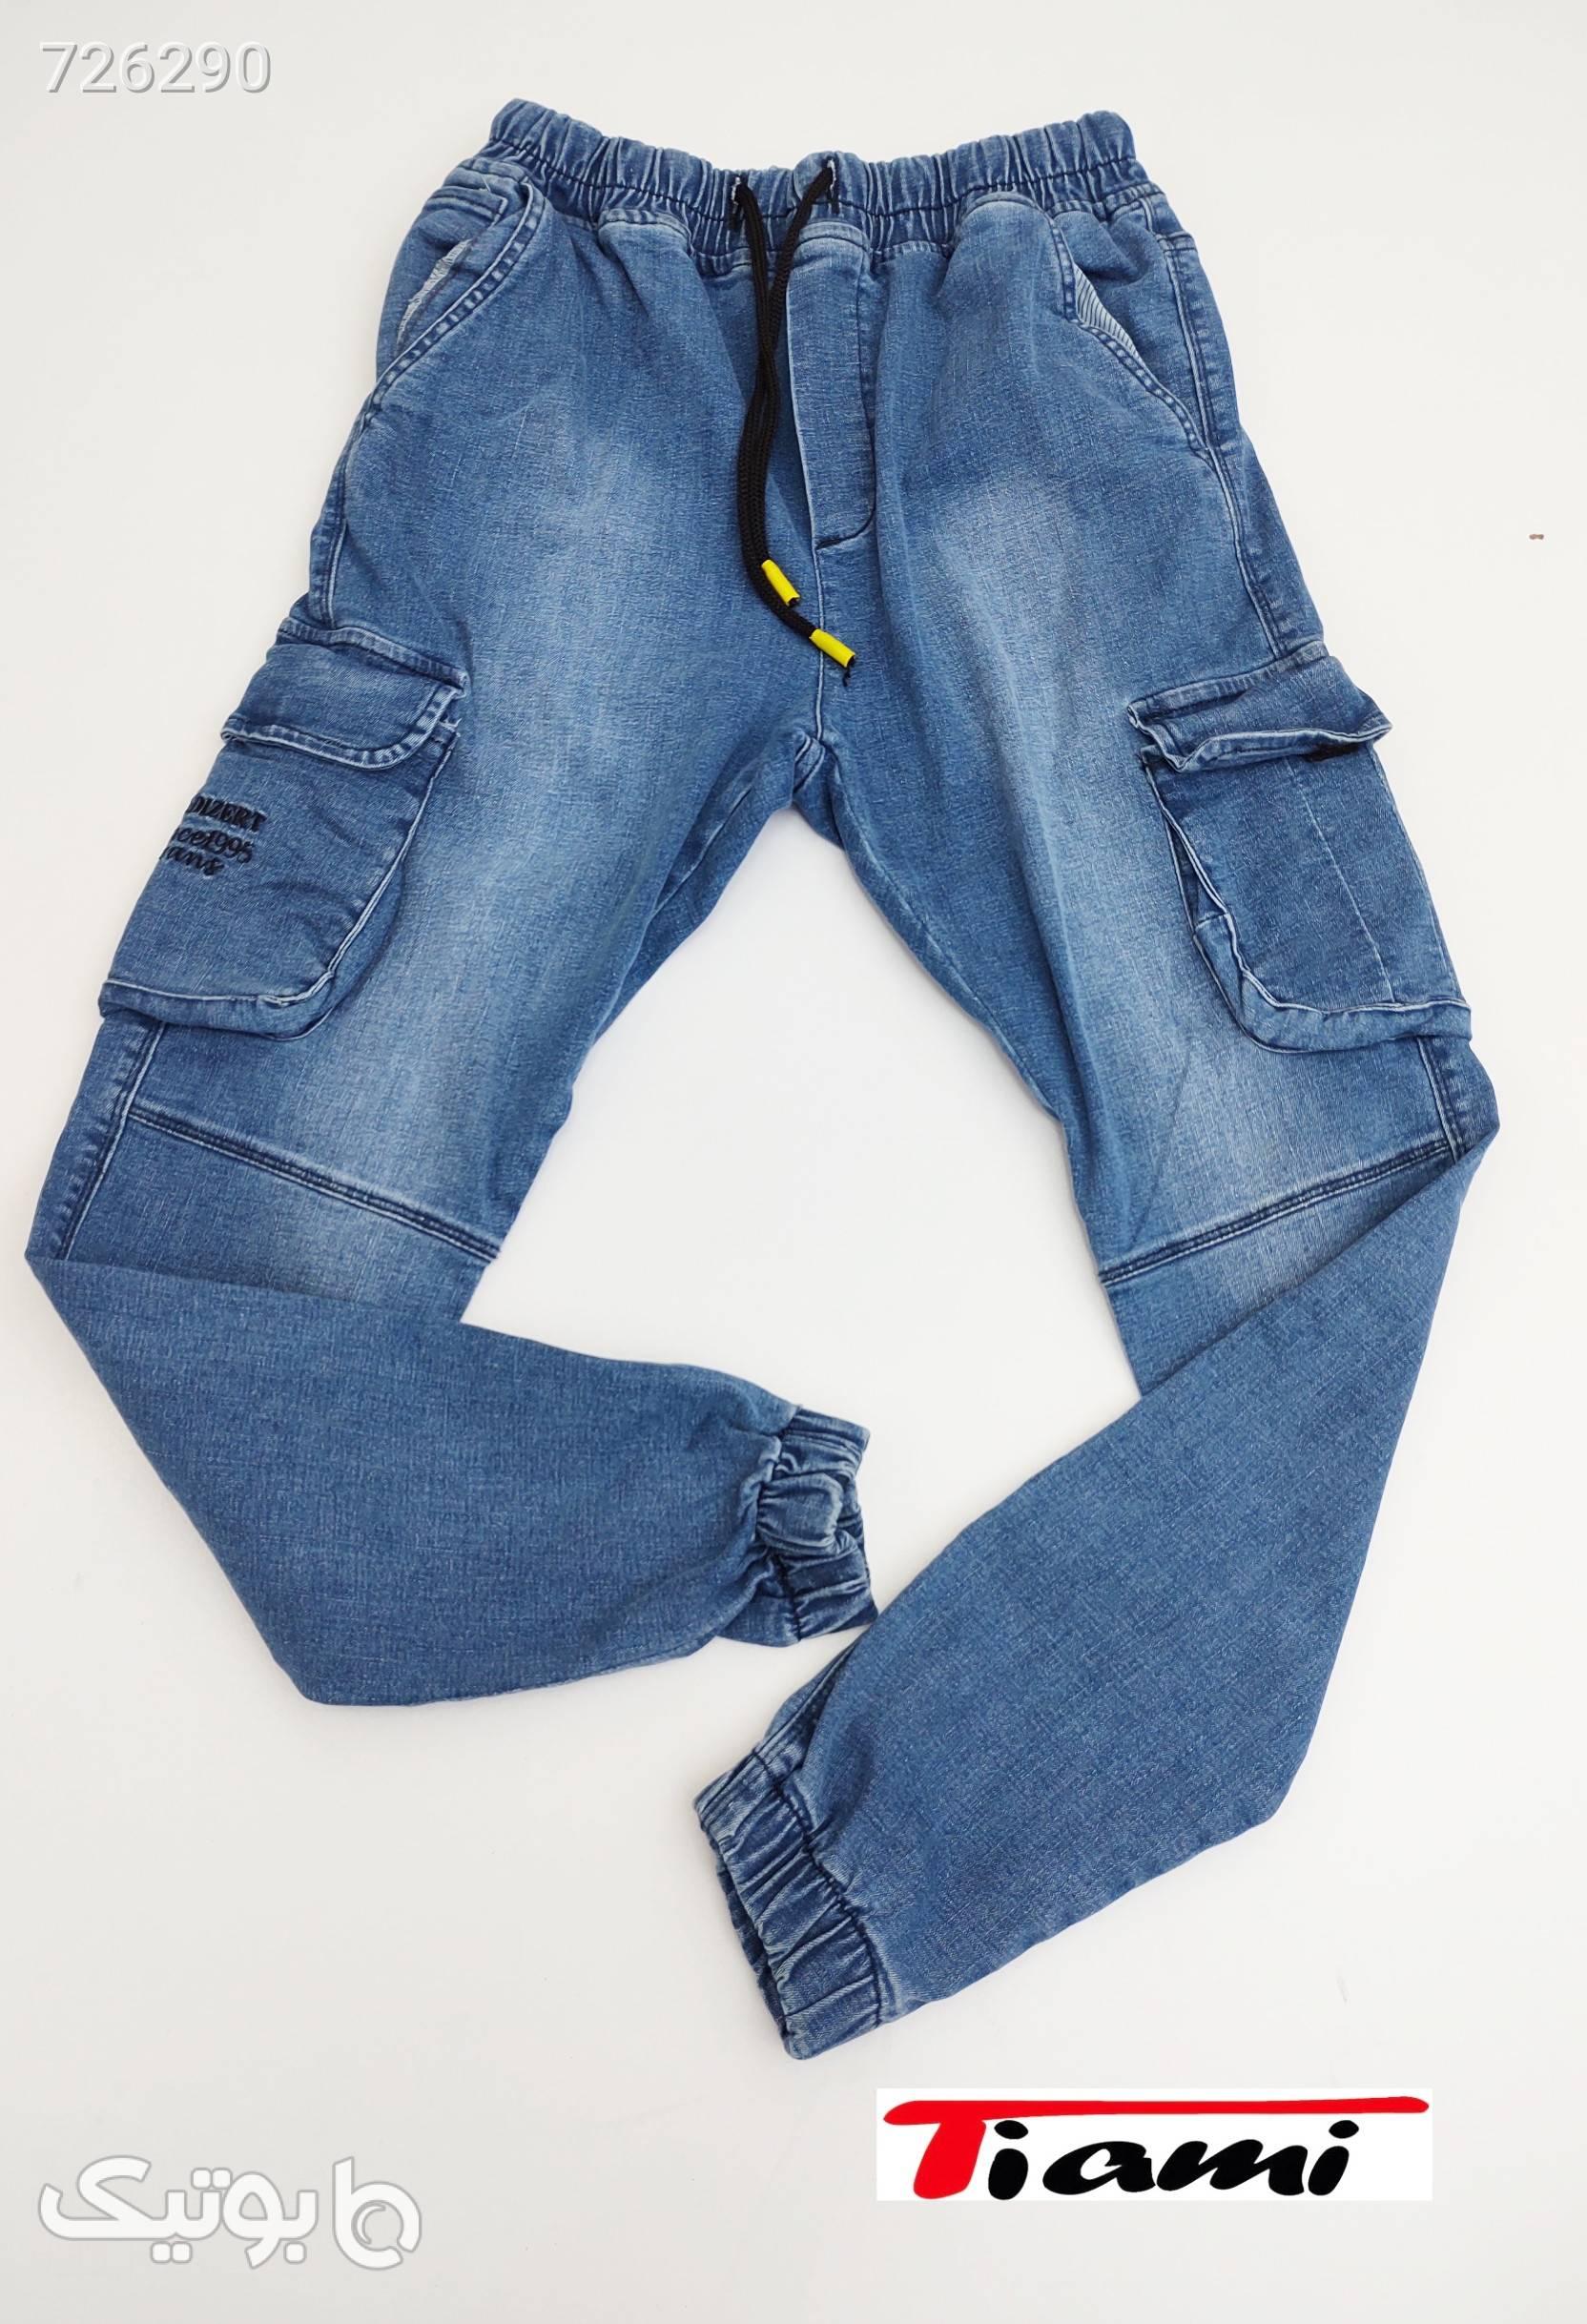 شلوار لی ۶جیب نیم فاق ترک  آبی شلوار جین مردانه